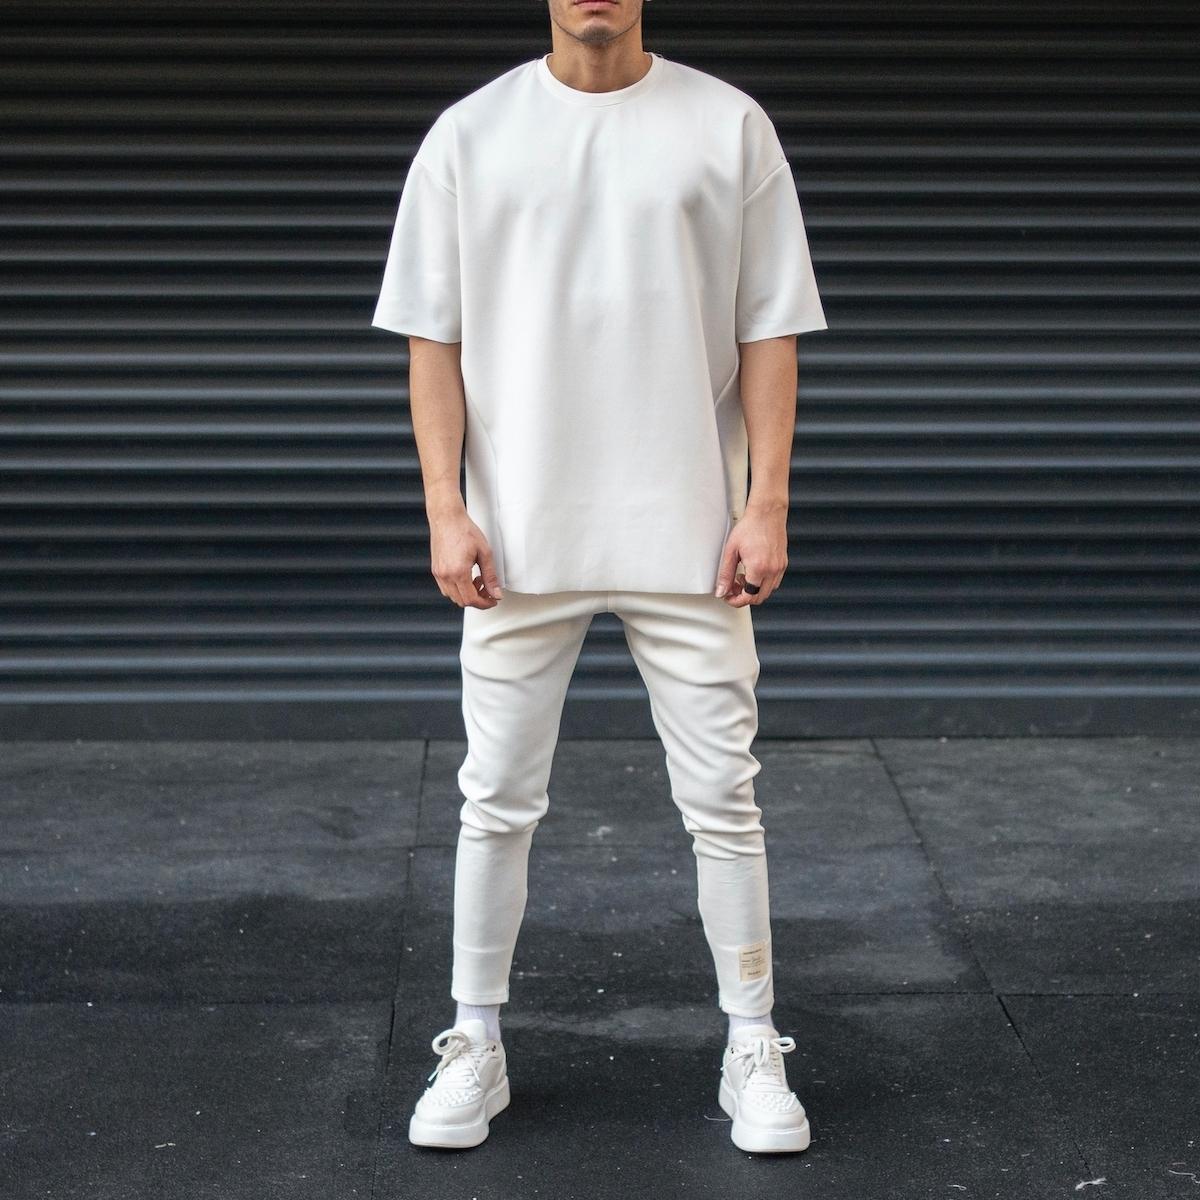 Erkek Dalgıç Kumaş Eşofman Takımı Beyaz